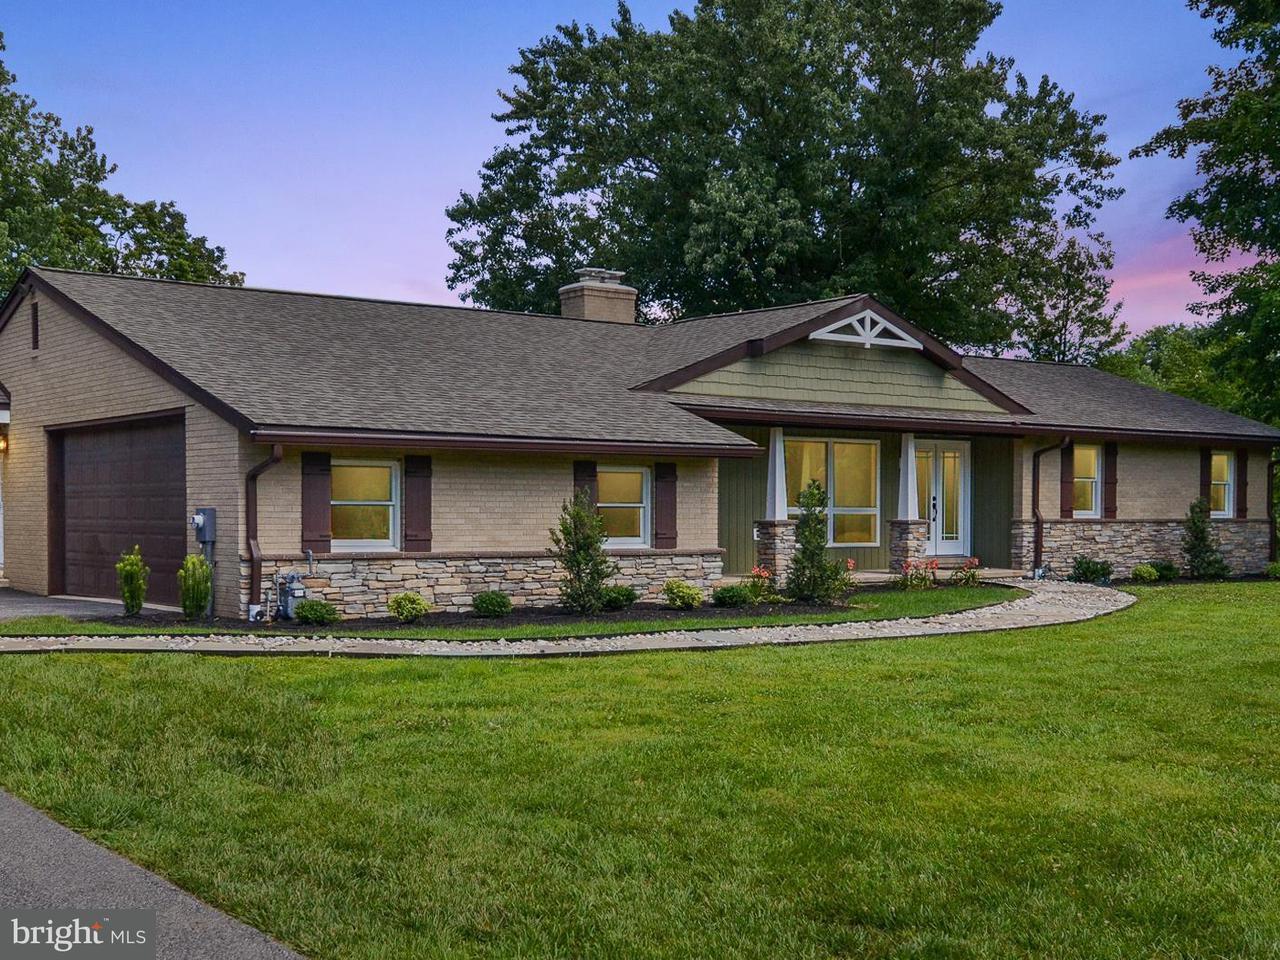 Μονοκατοικία για την Πώληση στο 12421 MANOR Road 12421 MANOR Road Glen Arm, Μεριλαντ 21057 Ηνωμενεσ Πολιτειεσ